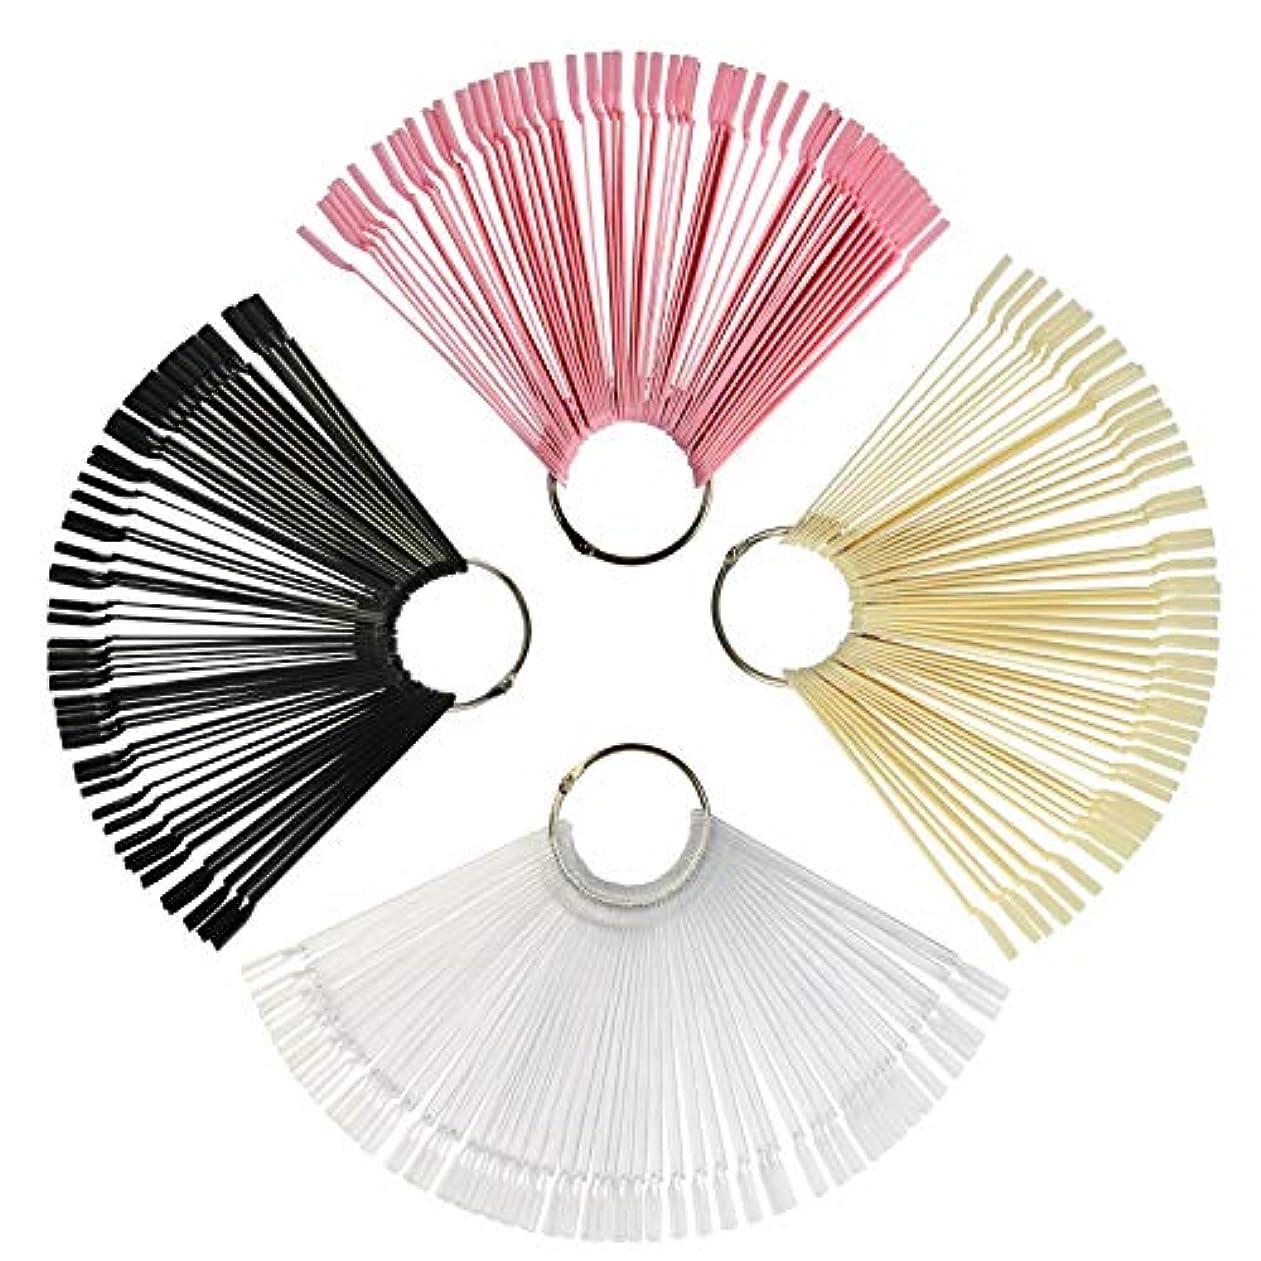 ファイルウミウシ些細なネイルカラーチャート KAKOO スティック式 200枚 4色(透明?ブラック?ピンク?ナチュラルカラー) 4個リング付属 偽ネイル 練習用 ネイルアート チップ クリア カラーチャートサンプル 見本カラーチャート